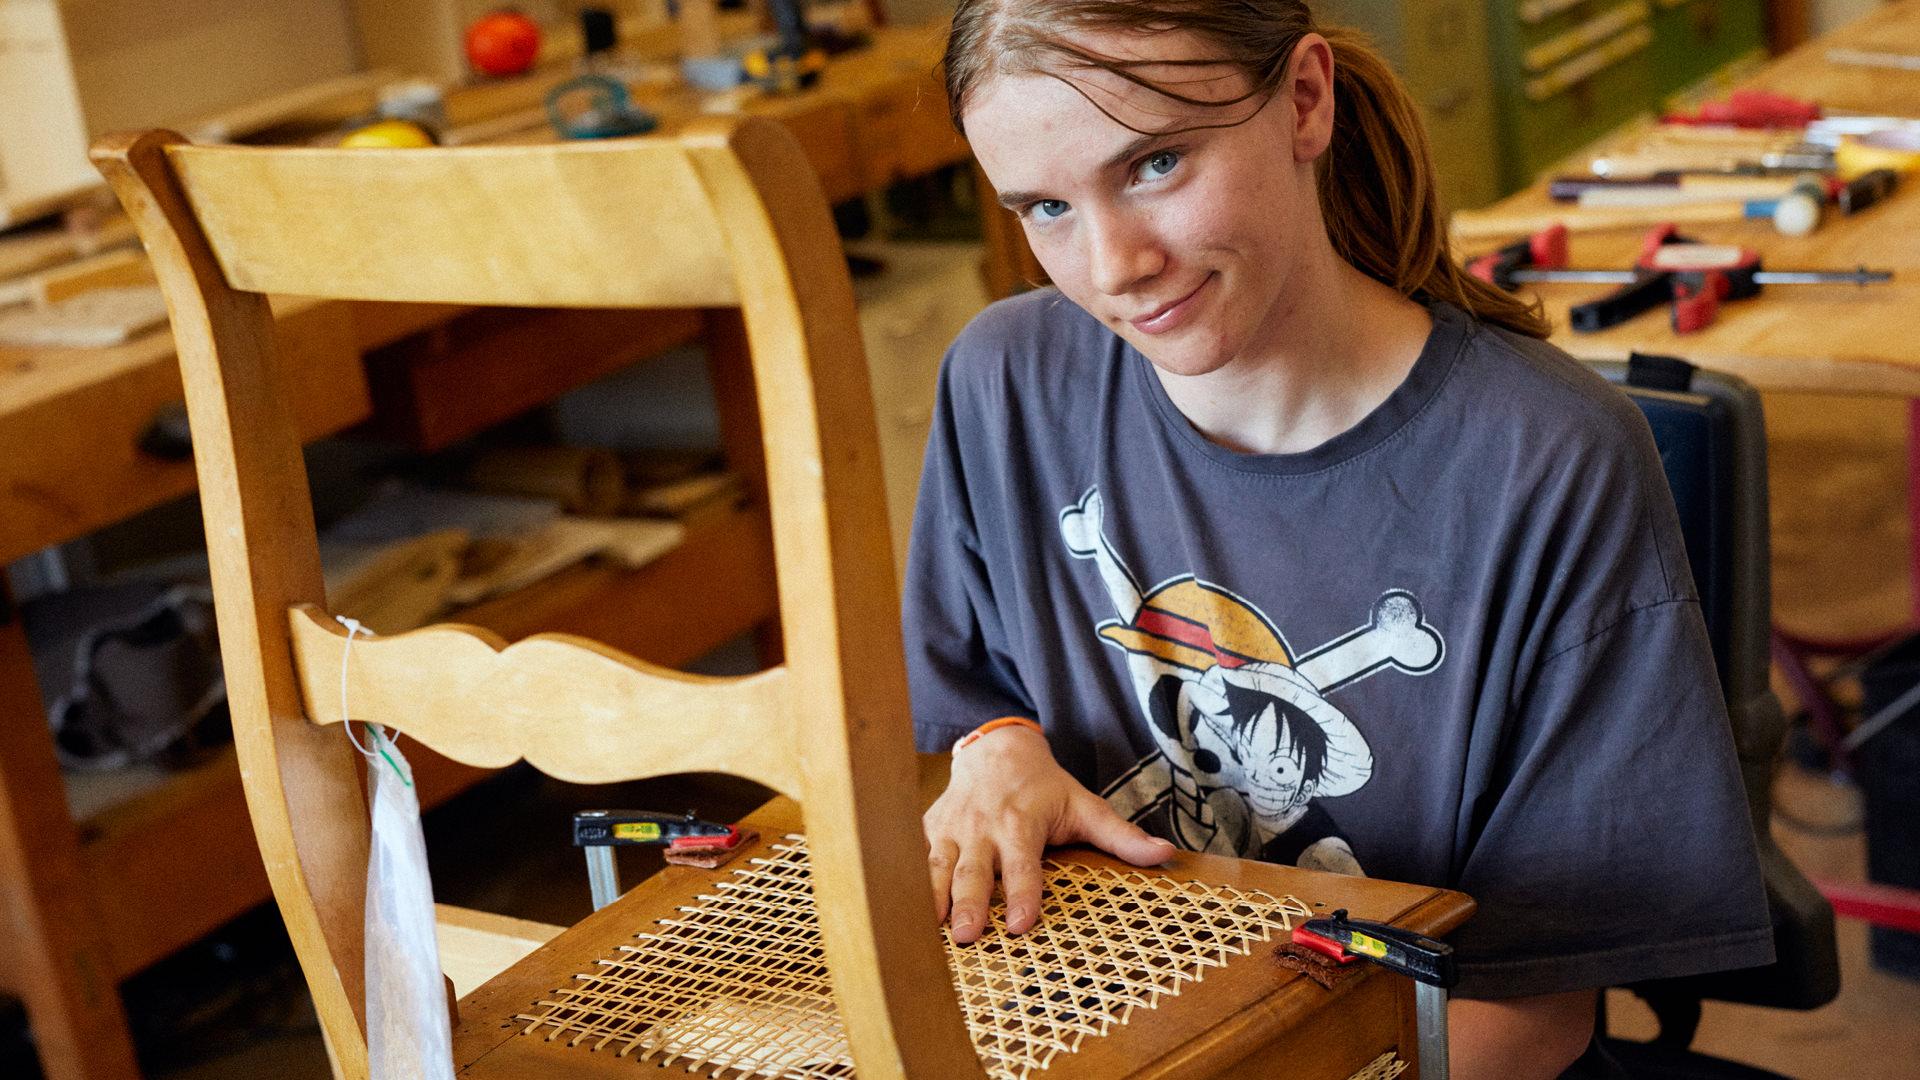 Frau arbeitet an Jonc-Stuhlgeflecht in der Schreinerei.